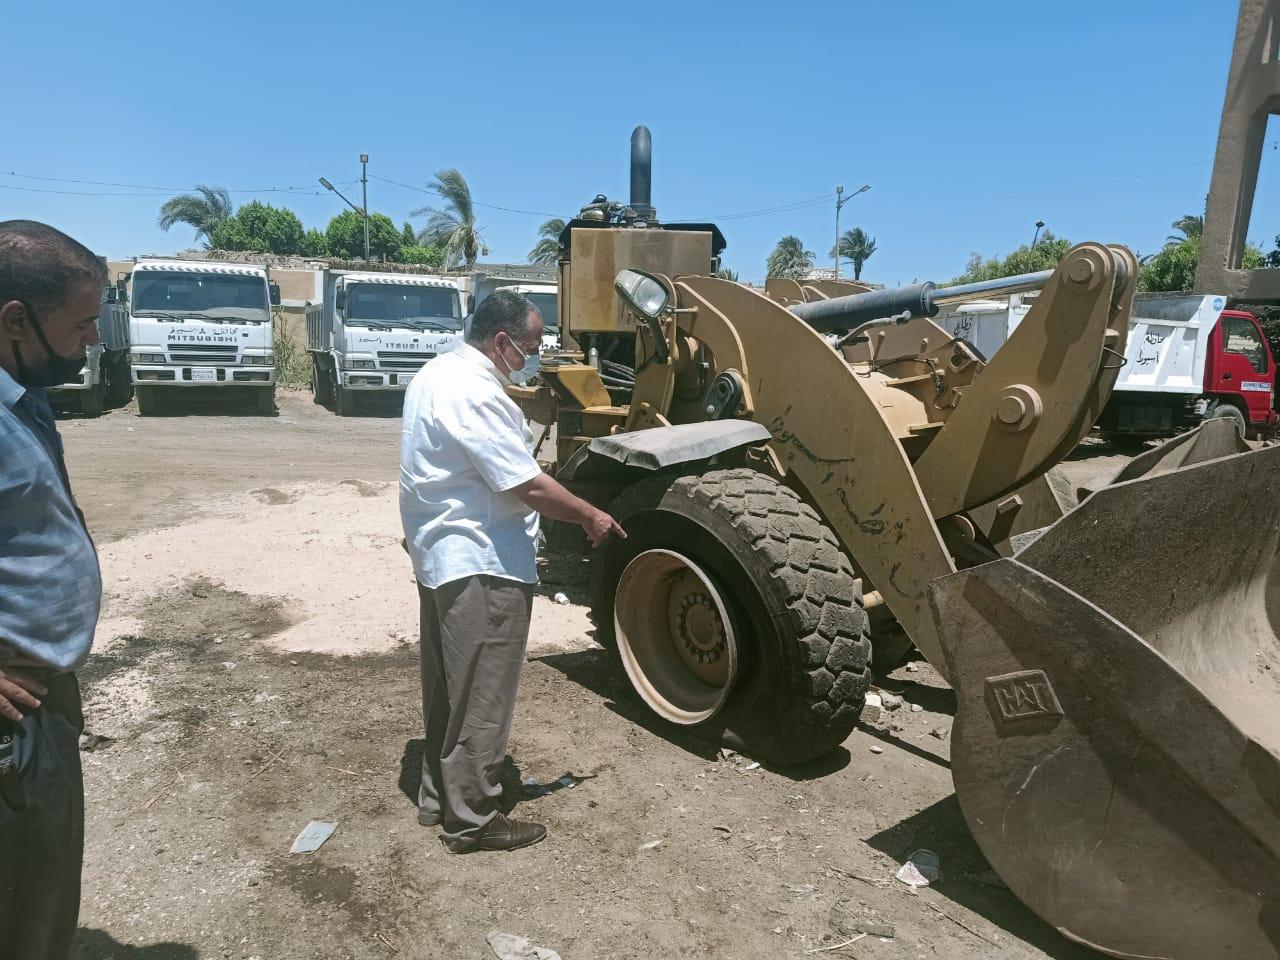 السكرتير المساعد يتابع الحملة الميكانيكية حي شرق وغرب والانقاذ السريع (4)